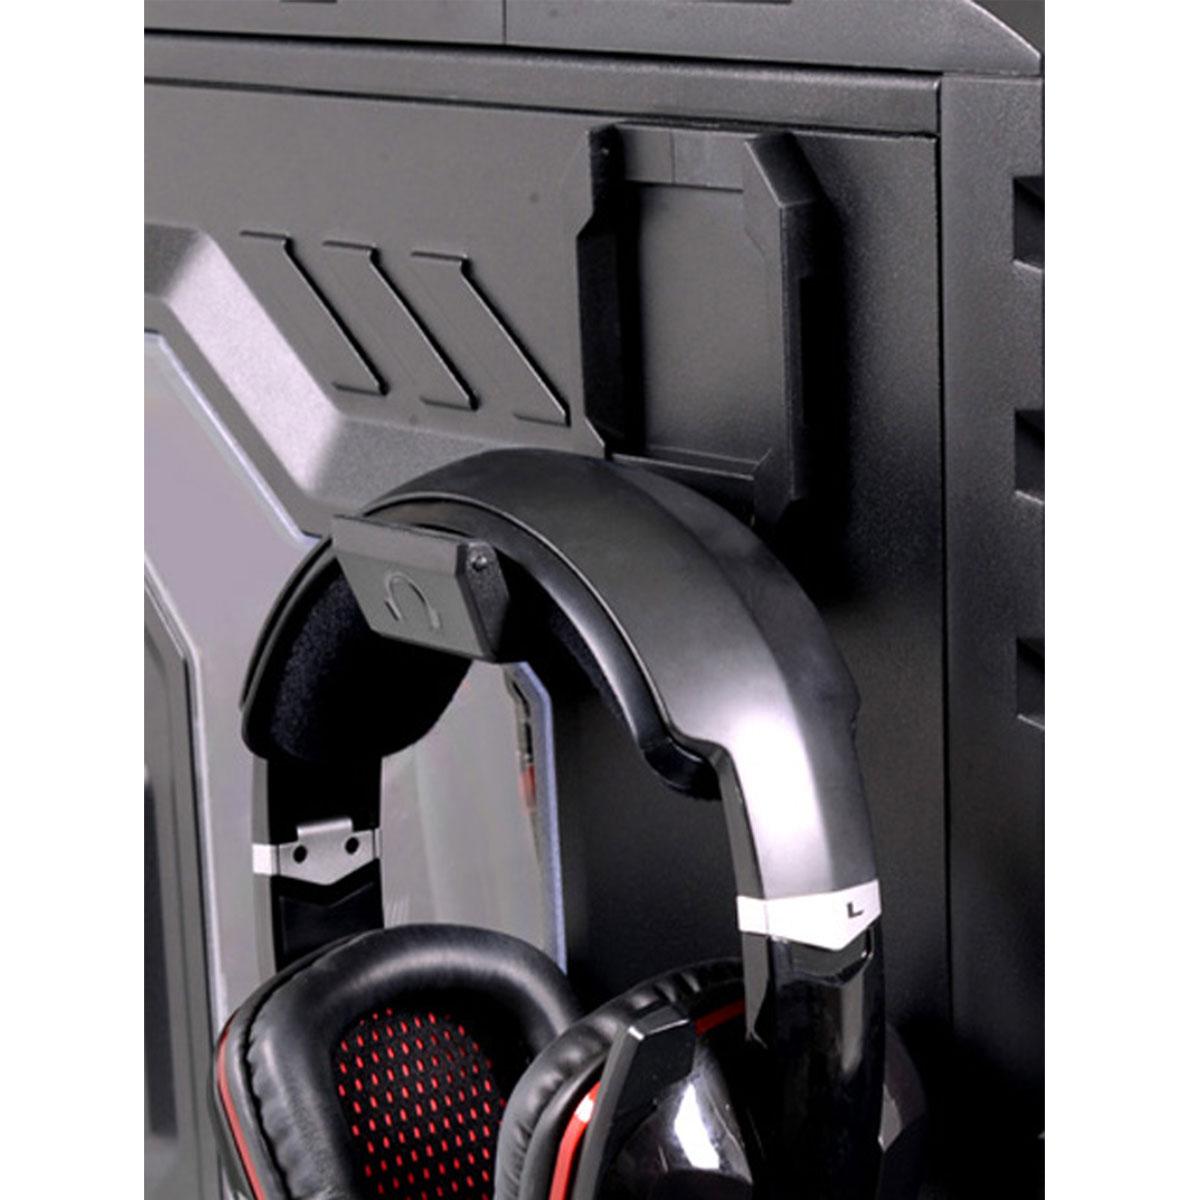 Enermax ehb001 casque enermax sur - Porte casque audio ...